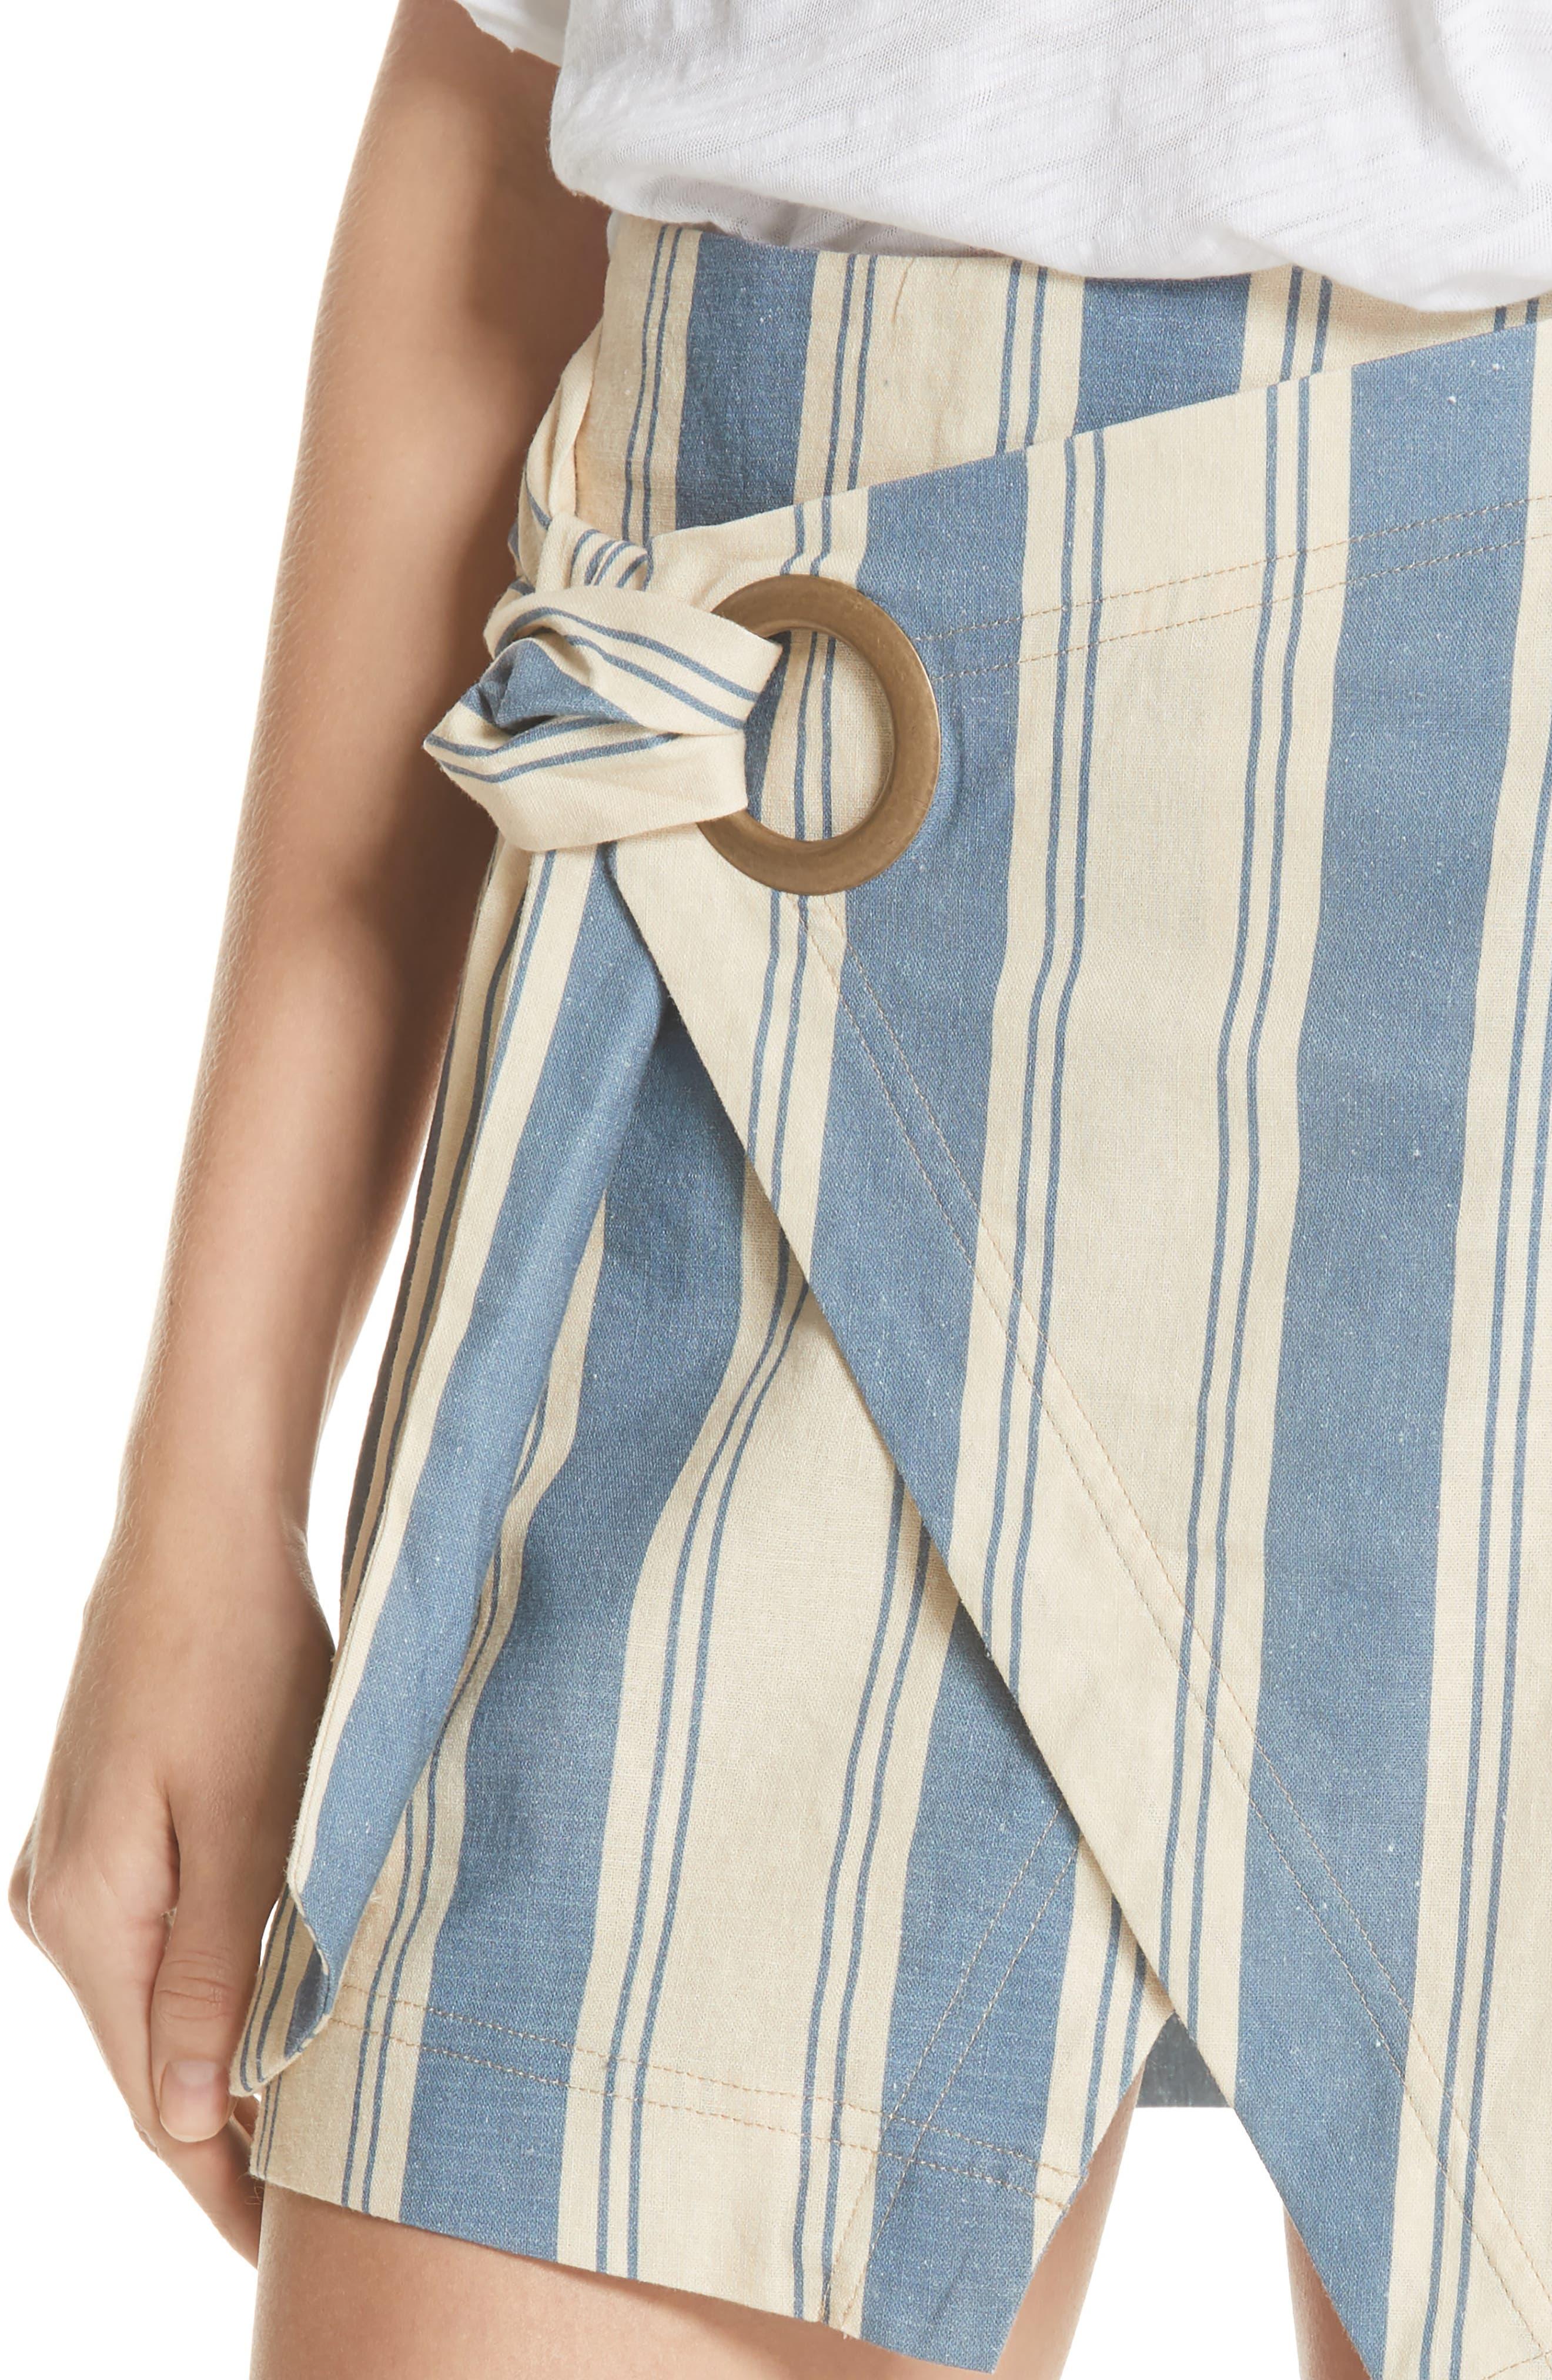 Tuscan Sunrise Skirt,                             Alternate thumbnail 4, color,                             400